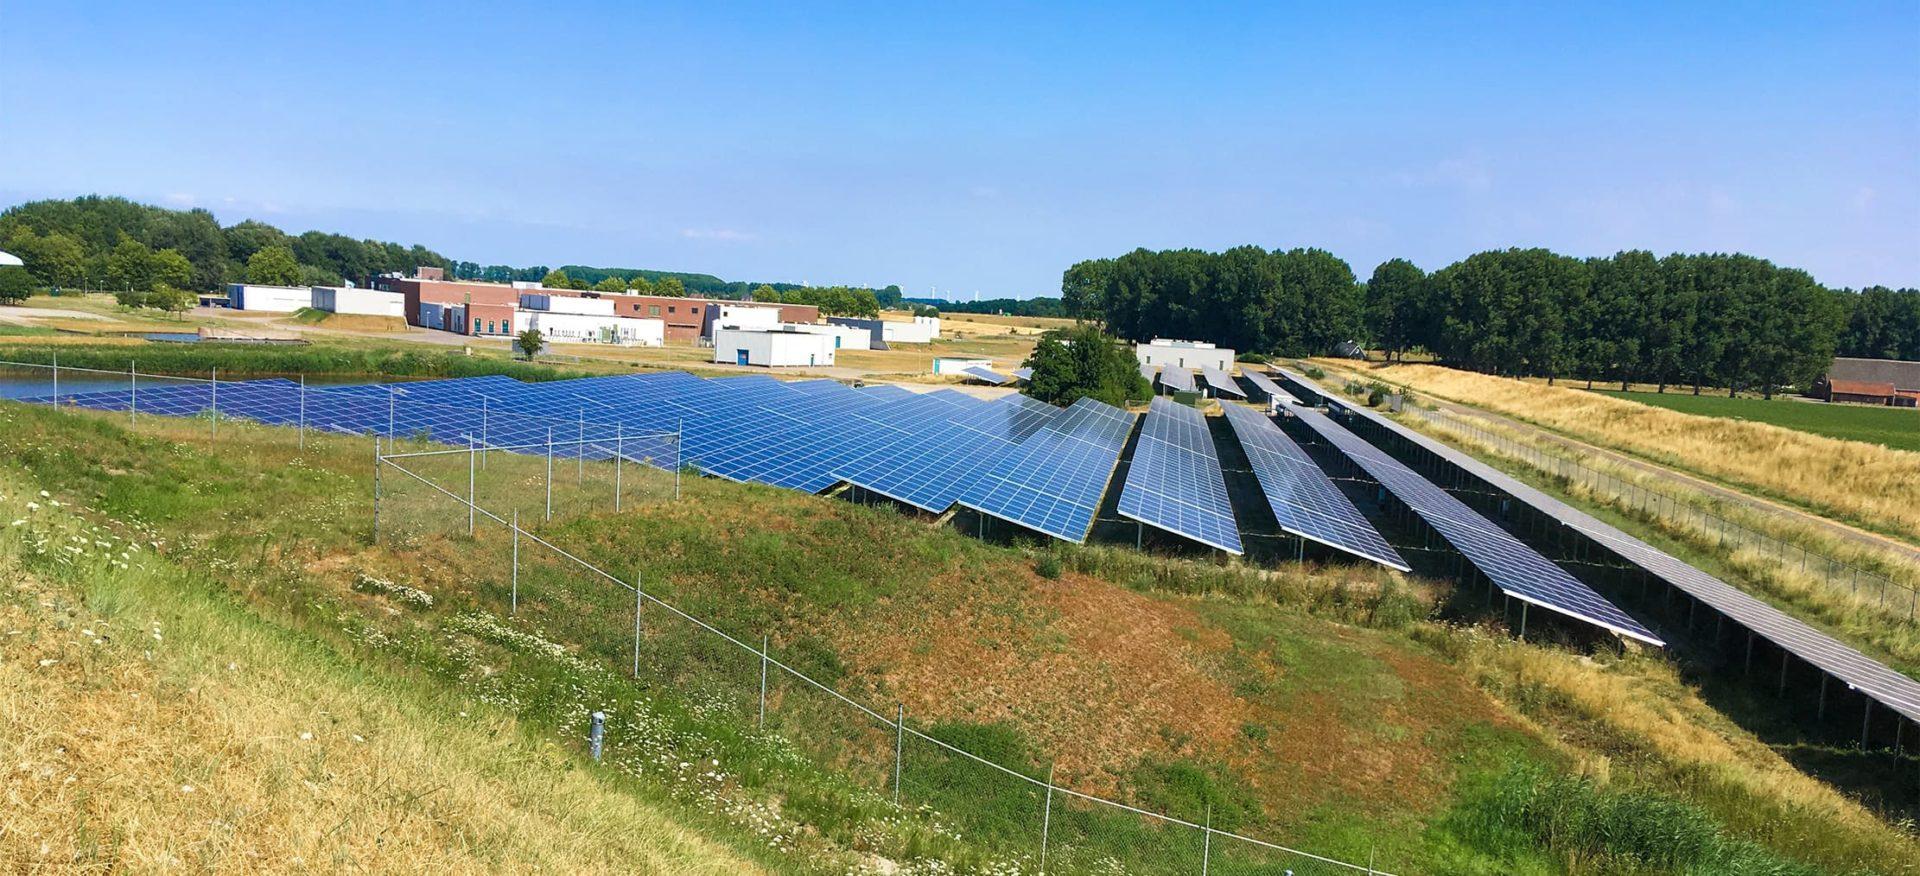 Solarpark Eneco Braakmann